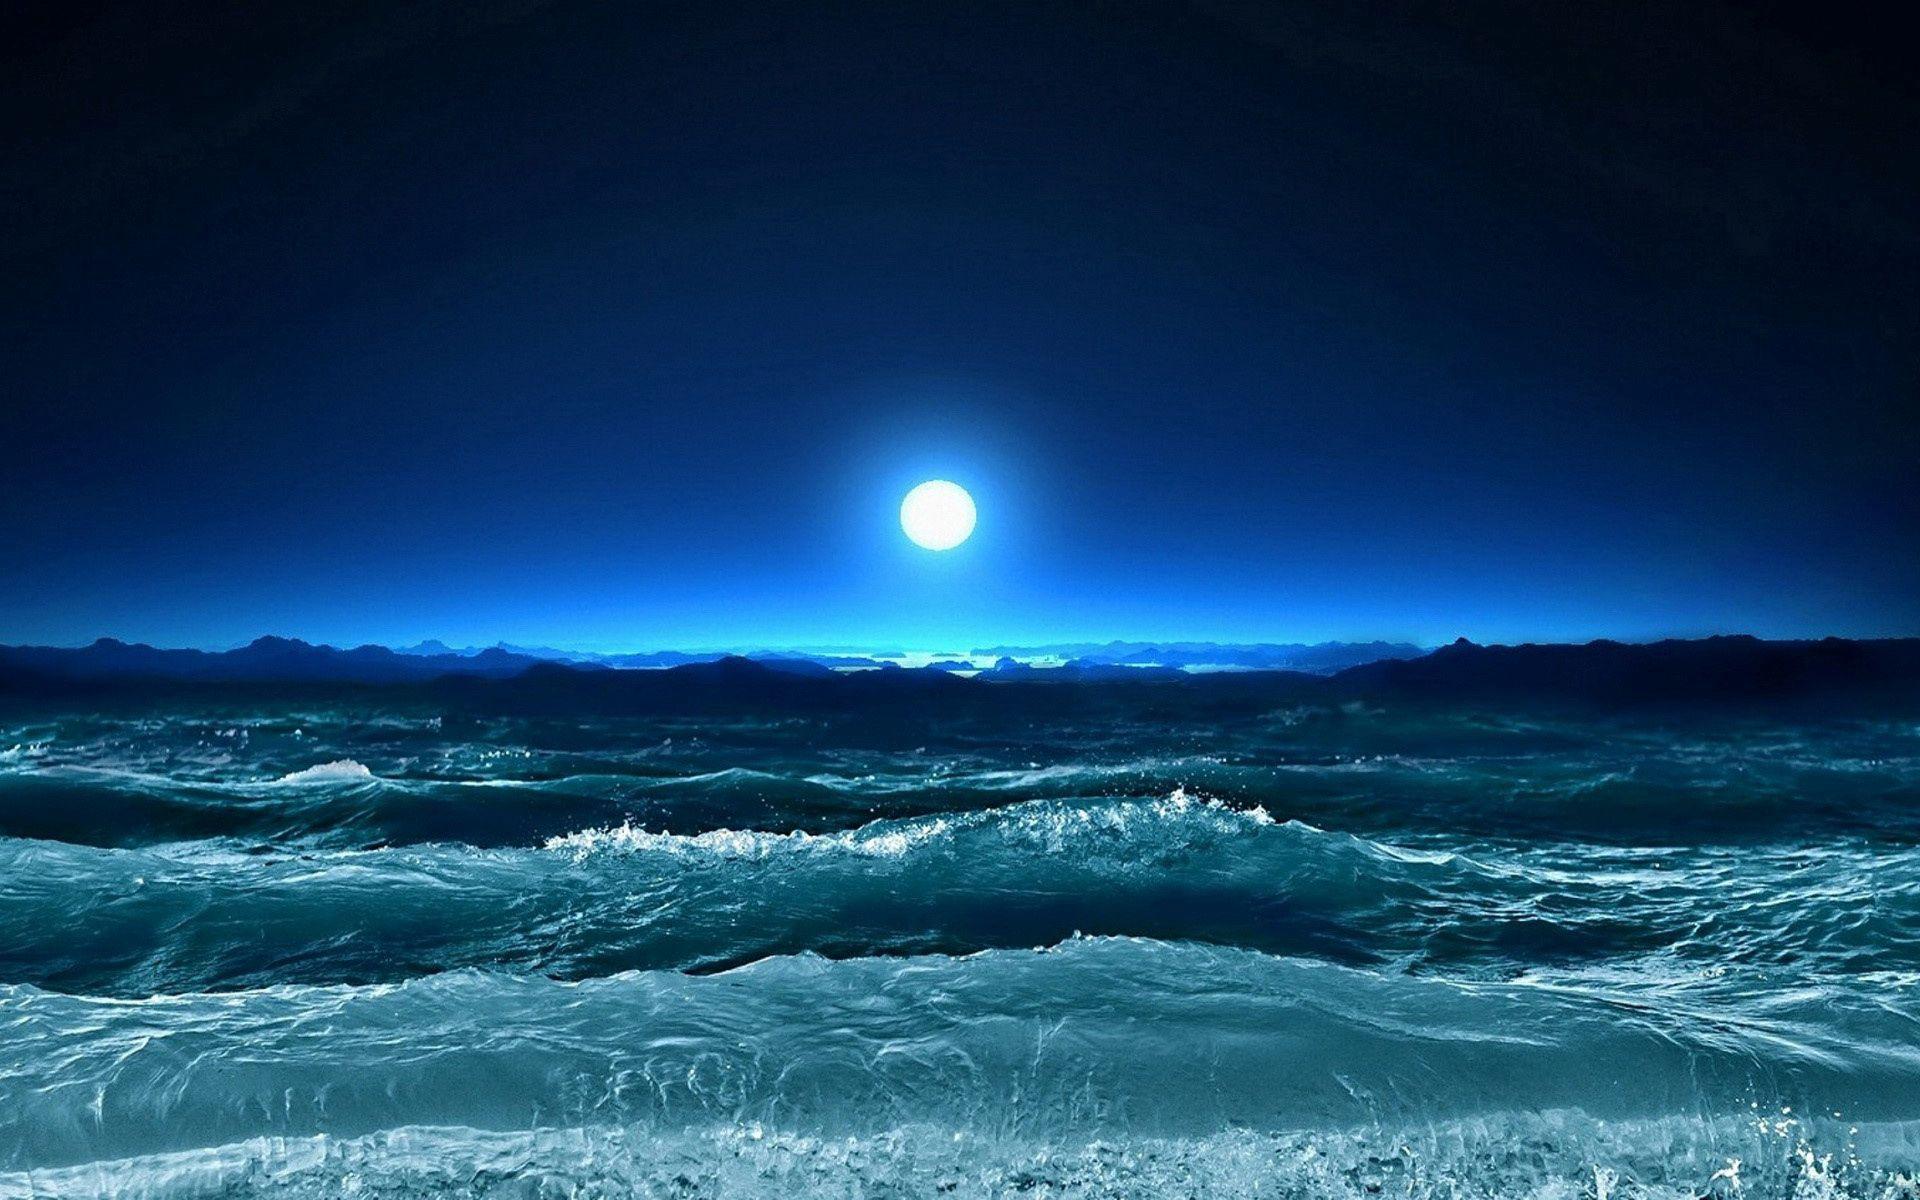 62130 Заставки и Обои Волны на телефон. Скачать Природа, Шторм, Море, Луна, Ночь, Искусство, Волны картинки бесплатно